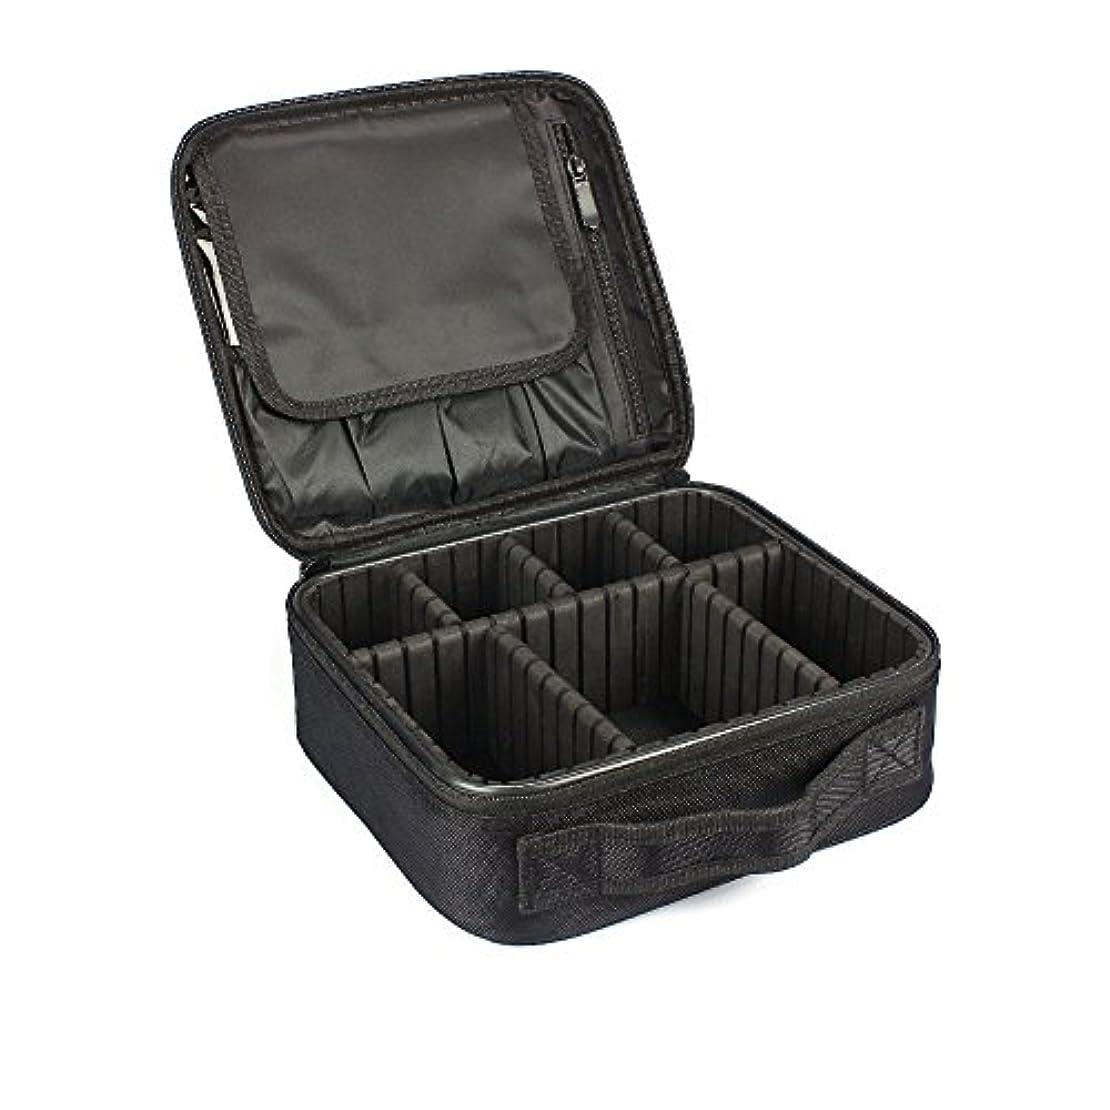 親愛な良性回路MIRAISZ プロ用 メイクボックス 高品質 多機能 多容量 メイクブラシバッグ 収納ケース スーツケース?トラベルバッグ 化粧バッグ メイクブラシ 化粧道具 小物入れ (MINI)